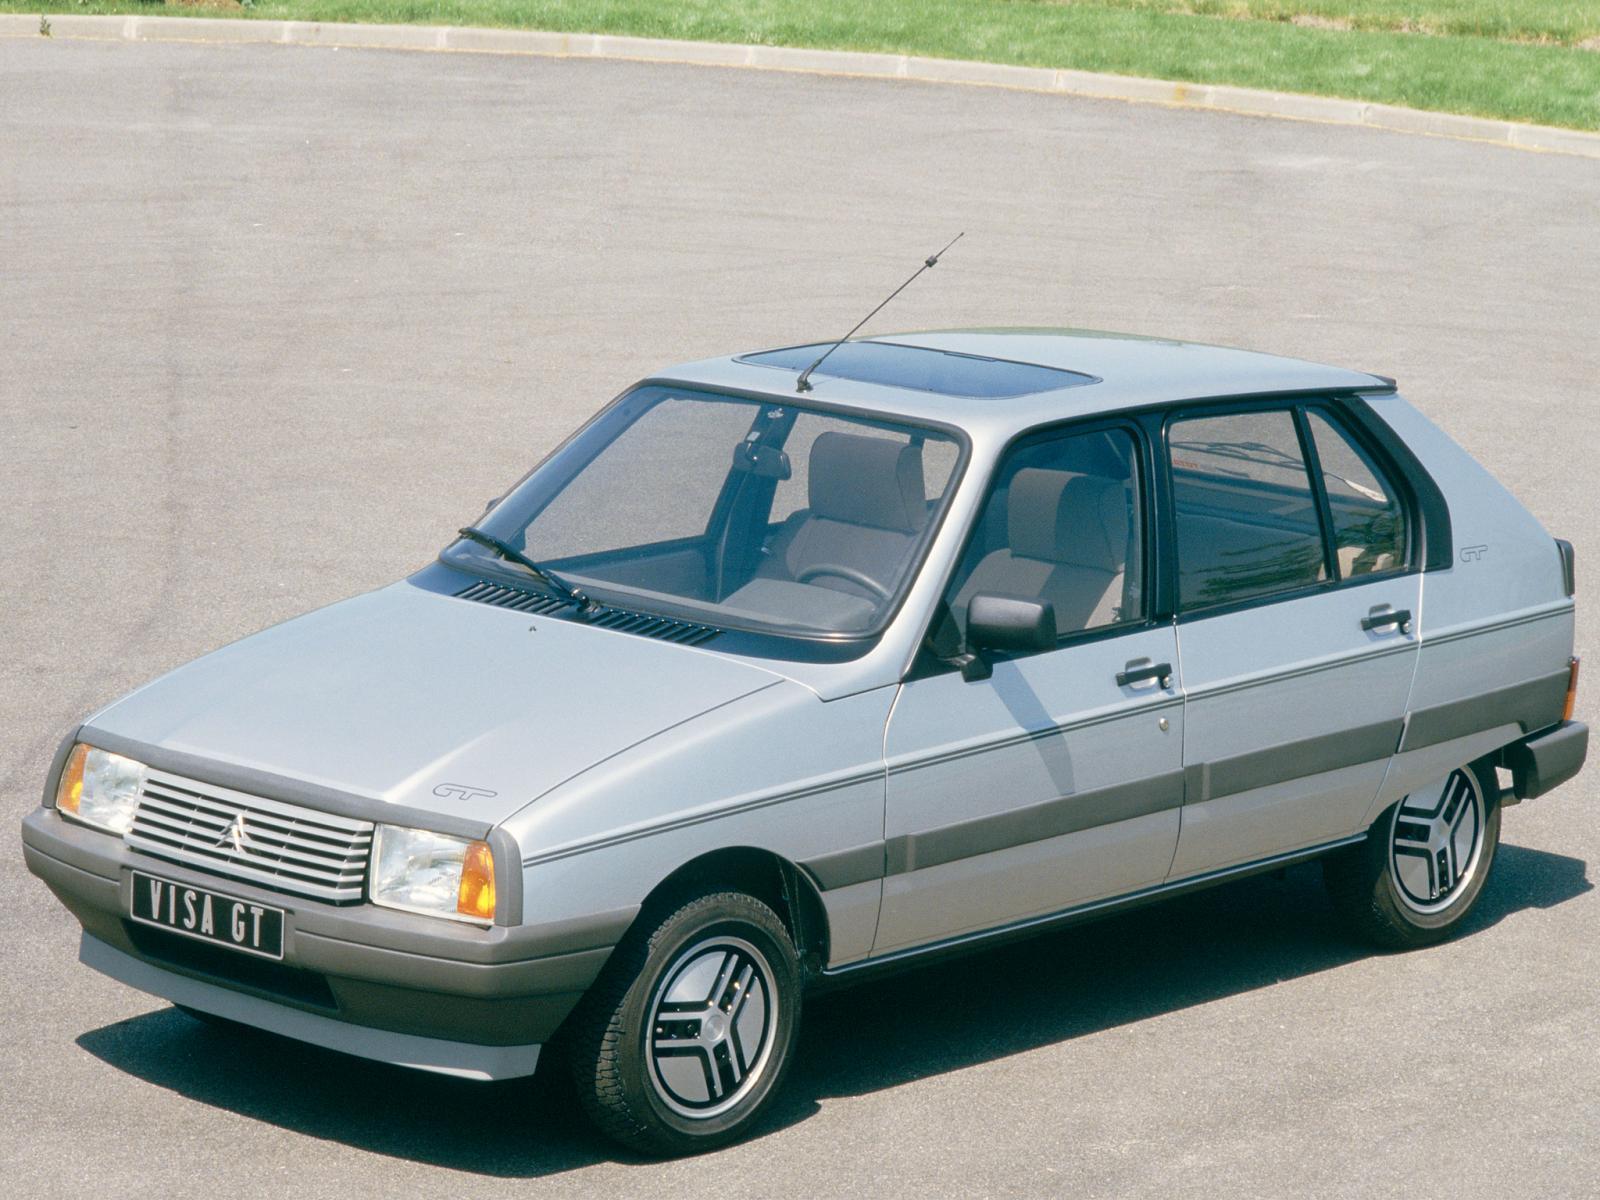 Visa GT 1985